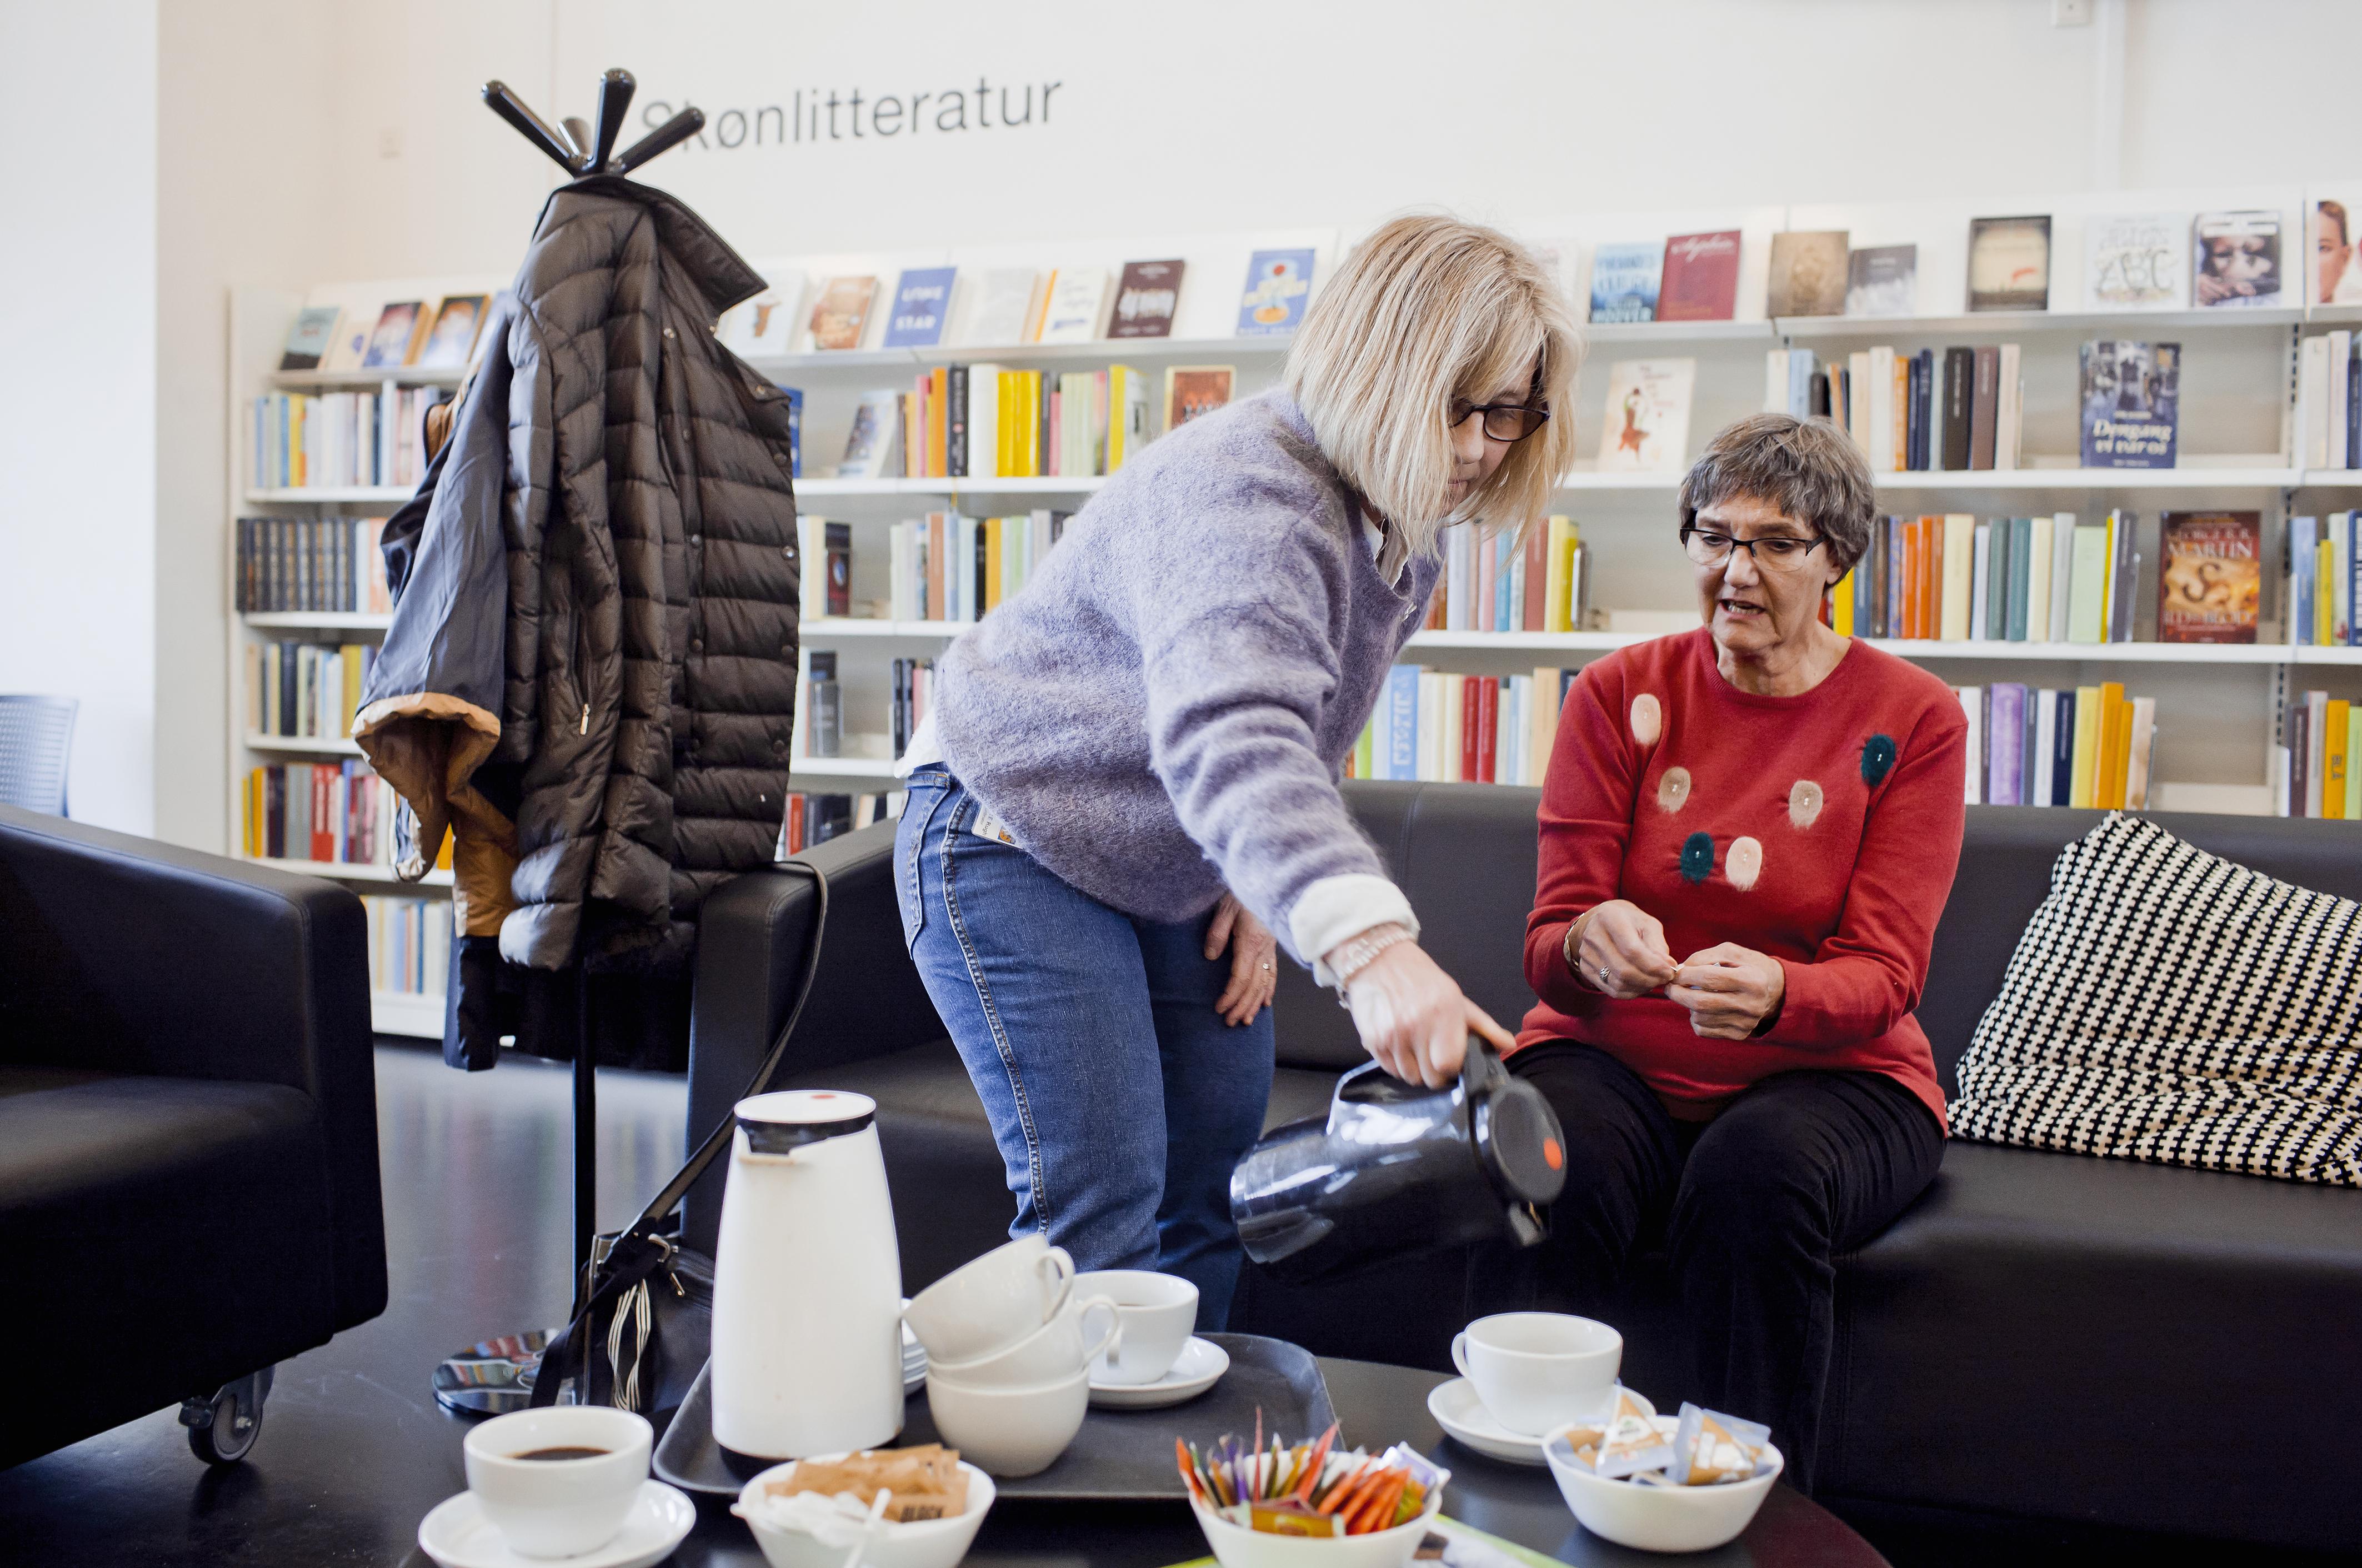 Demenskoordinator Charlotte Rugh og frivillig fra Bakkegårdens pårørenderåd Annelise Jørgensen tager imod i den åbne rådgivning om demens. Her er kaffe på kanden, og et par timer til snak og information.